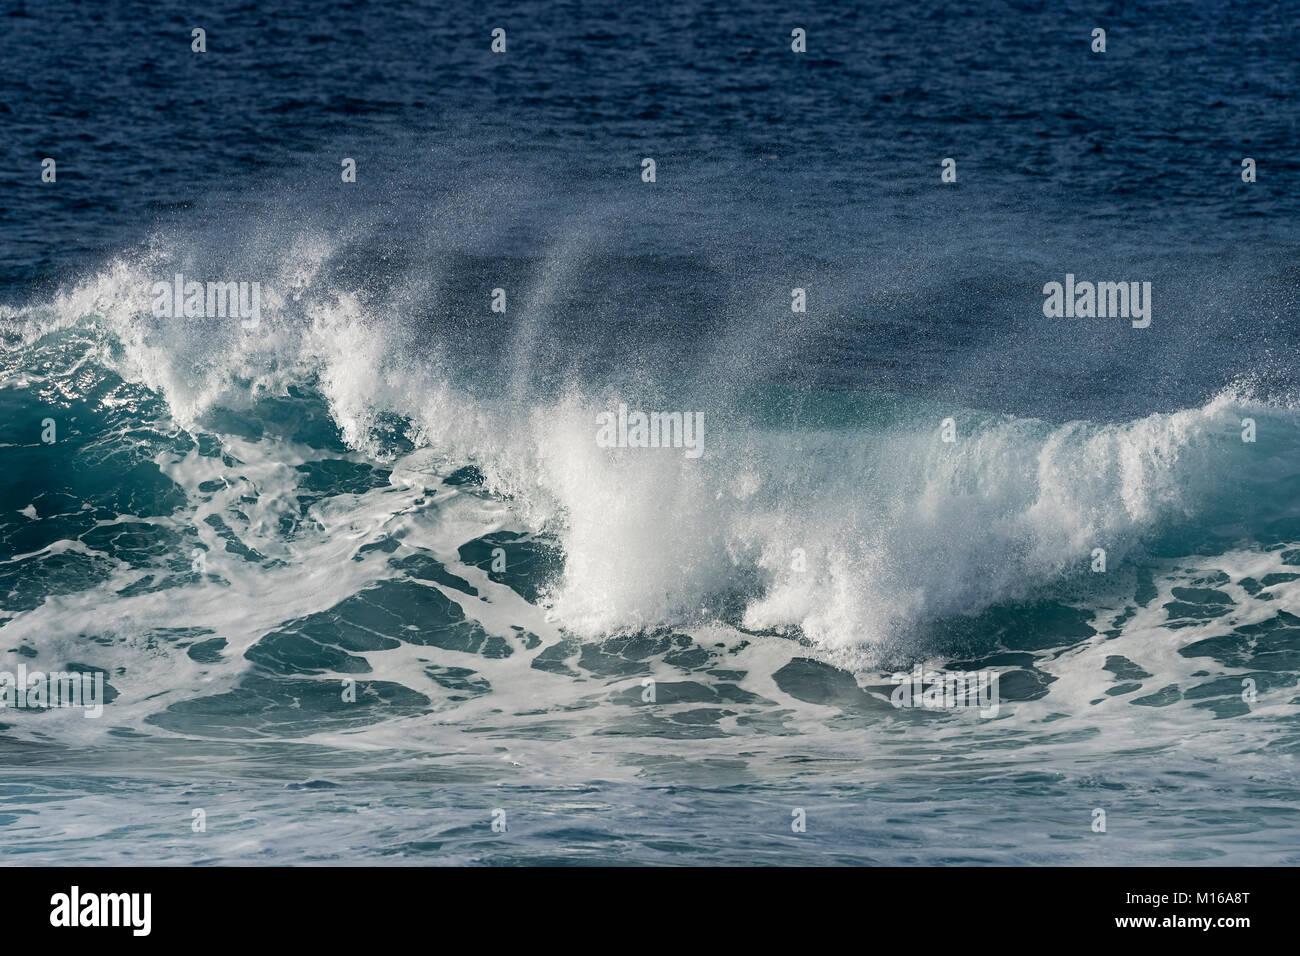 Navigare nell'Oceano Pacifico, l'isola di pasqua, Valparaiso, Cile, Polinesia, Oceania Immagini Stock